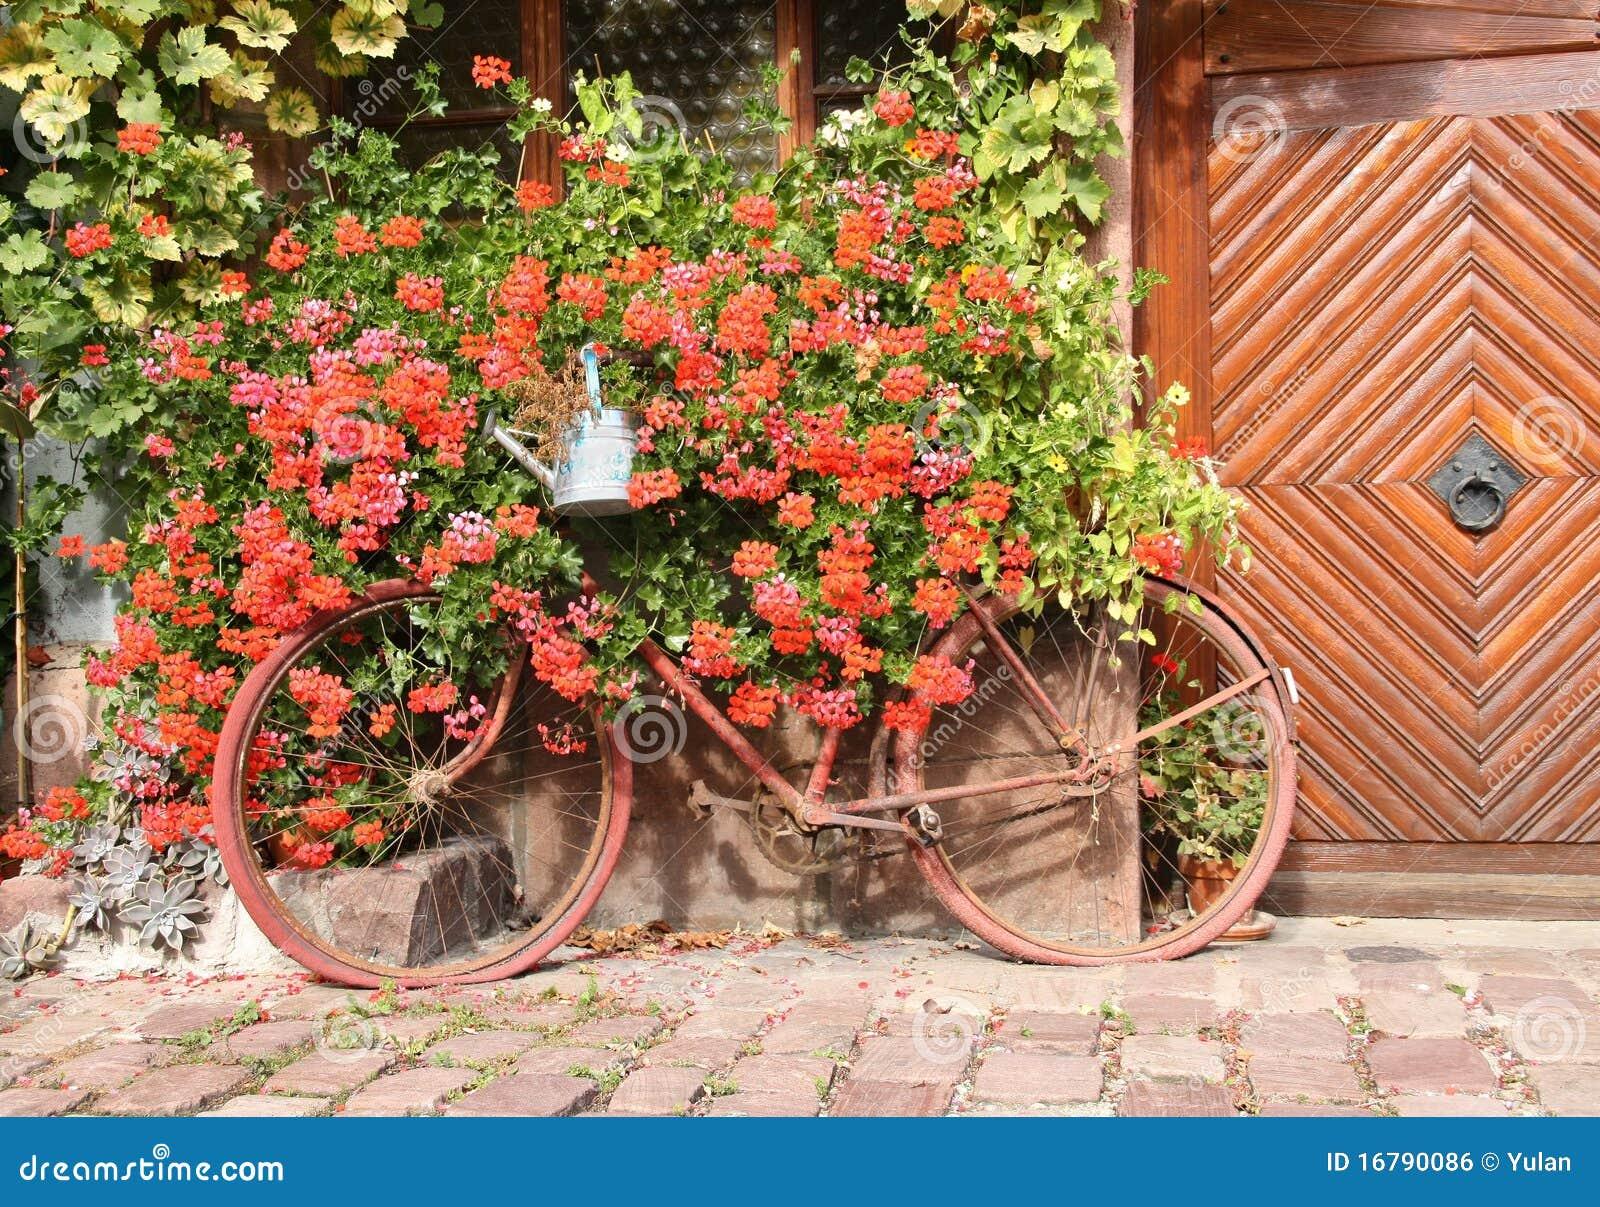 Oude fiets als decoratie van het huis royalty vrije stock afbeelding beeld 16790086 - Afbeelding van huisdecoratie ...